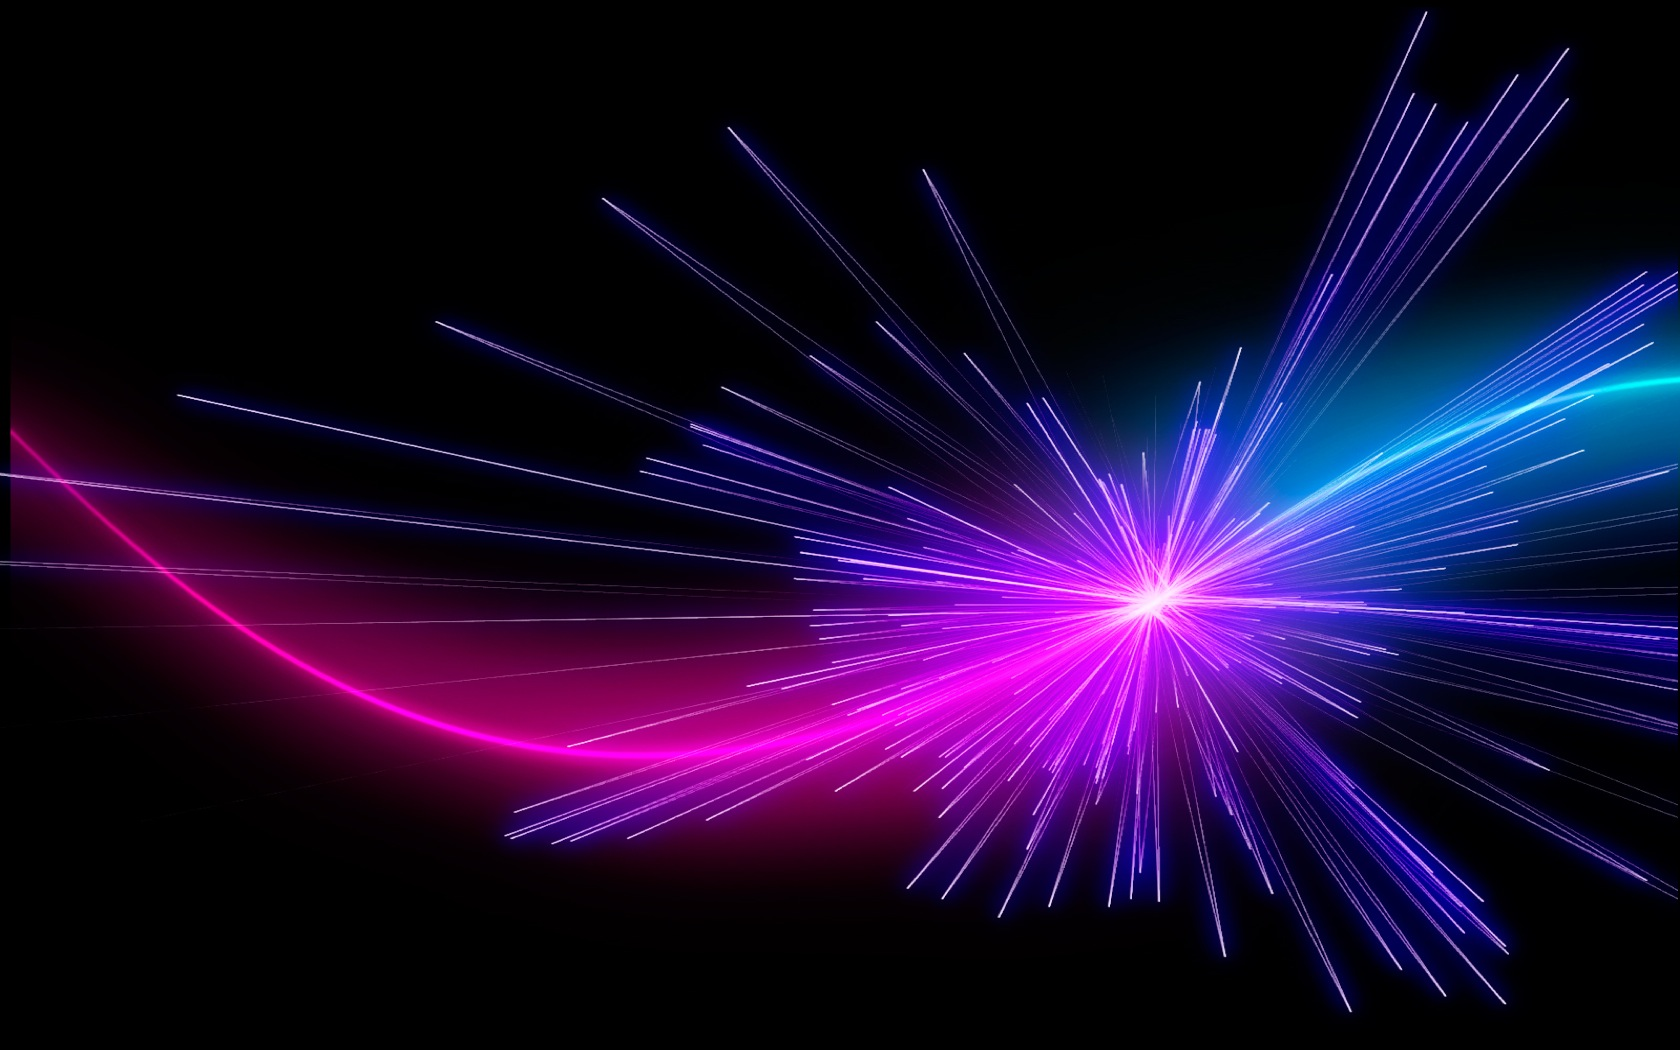 Cool Neon Wallpapers - WallpaperSafari